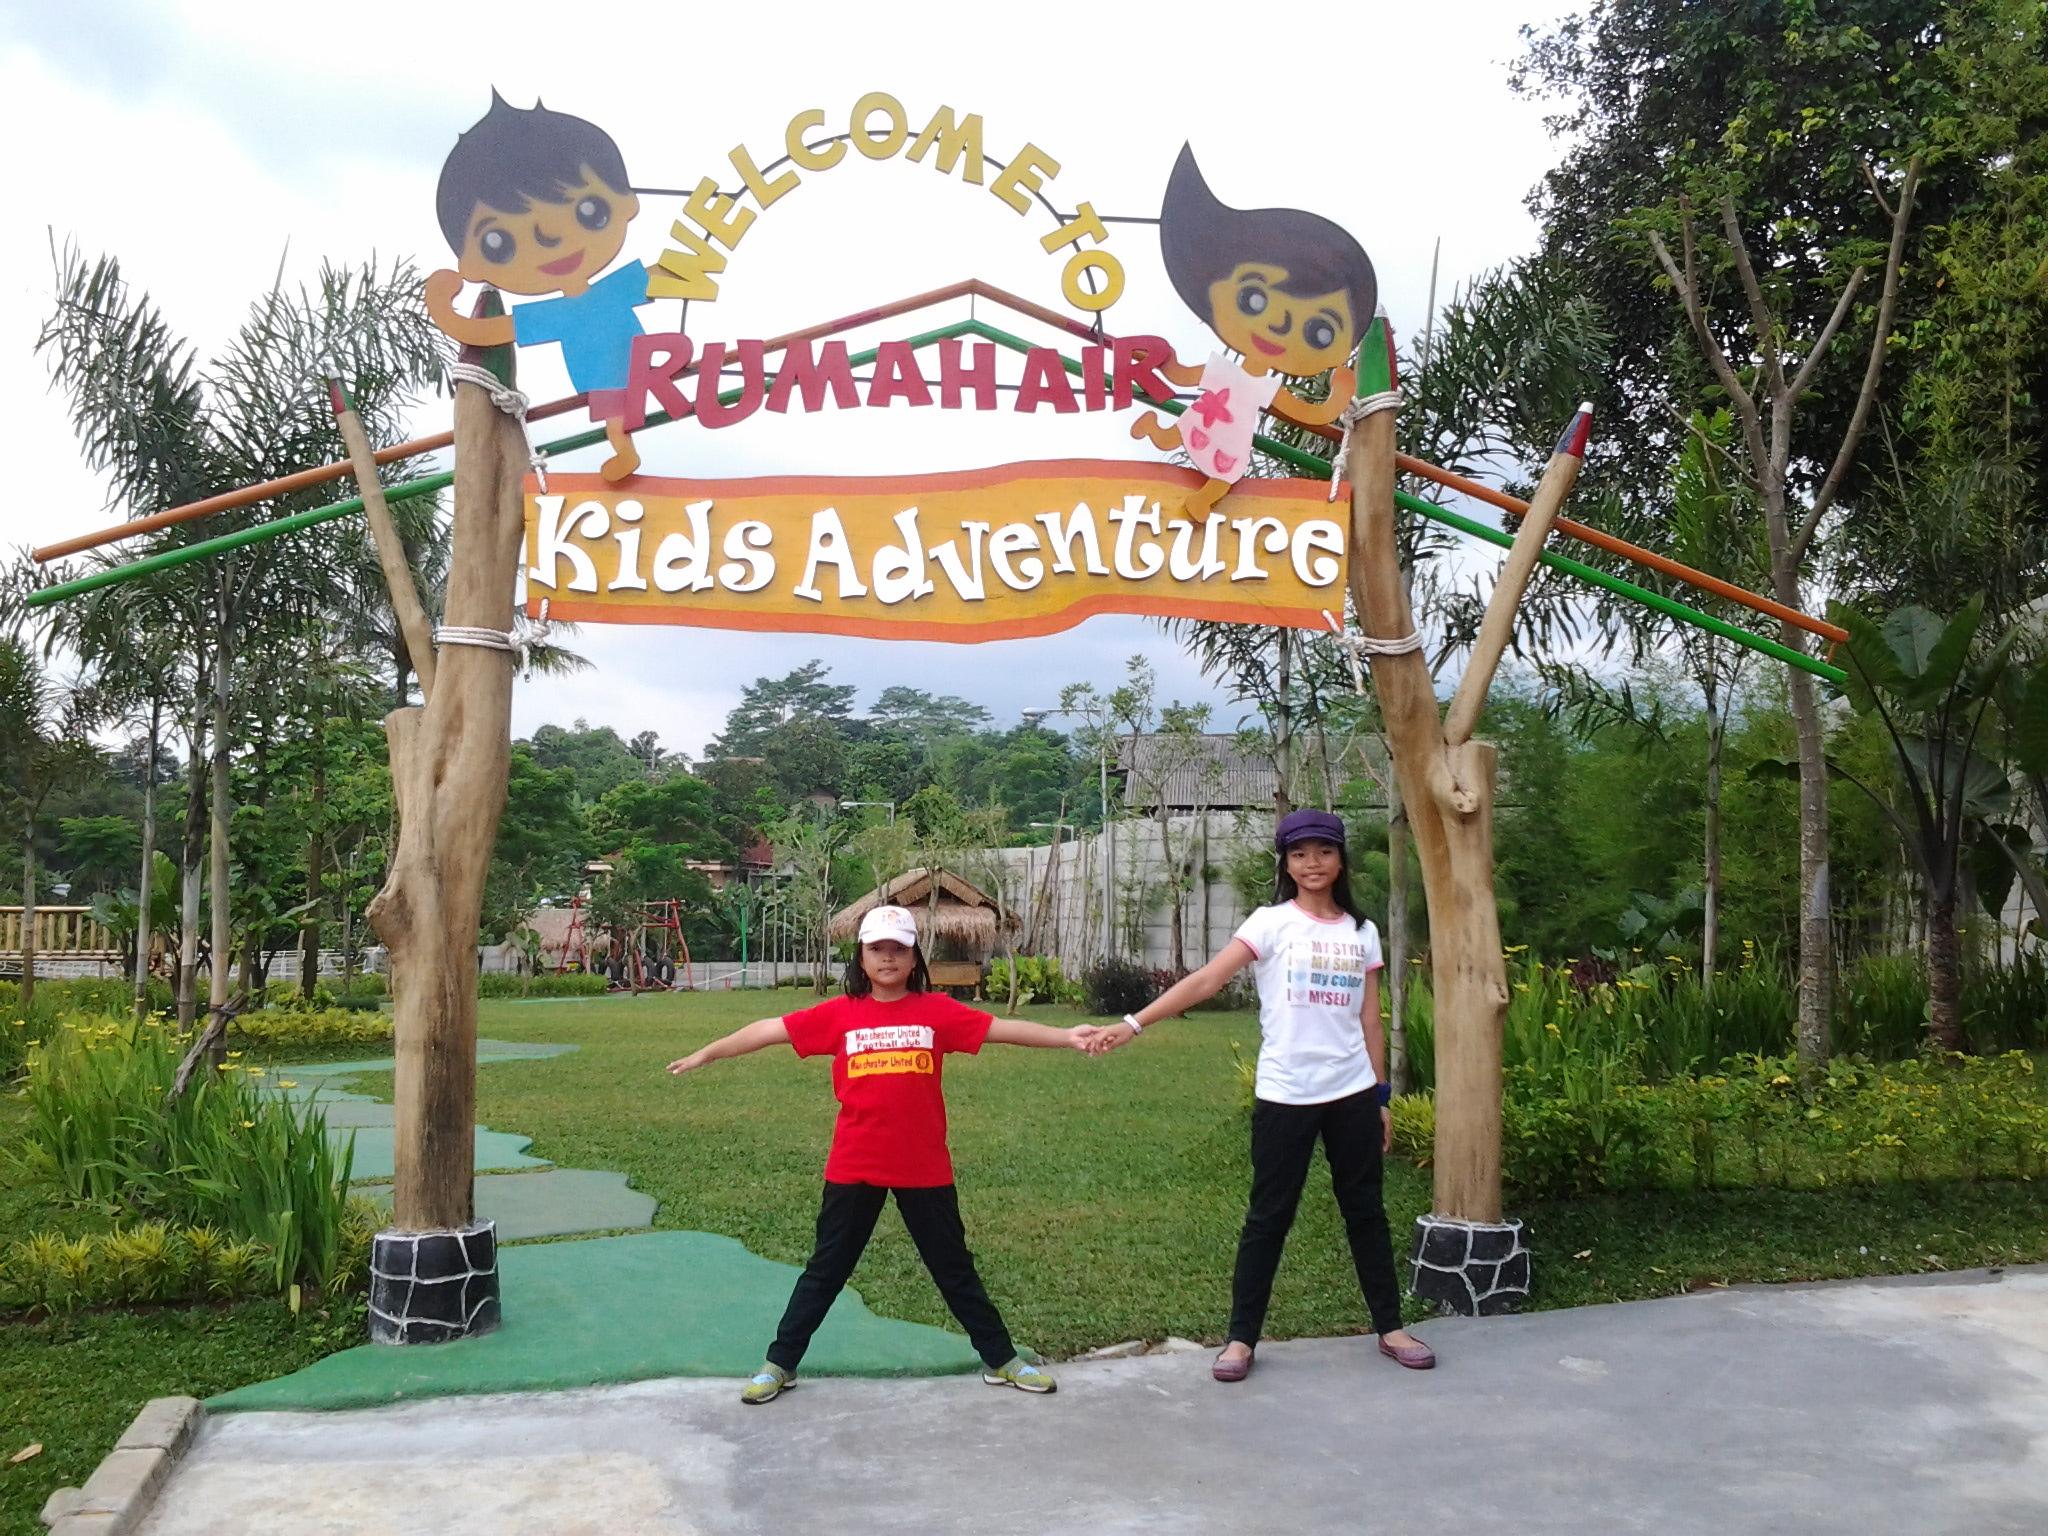 Liburan Seru Di Kids Adventure Rumah Air Bogor